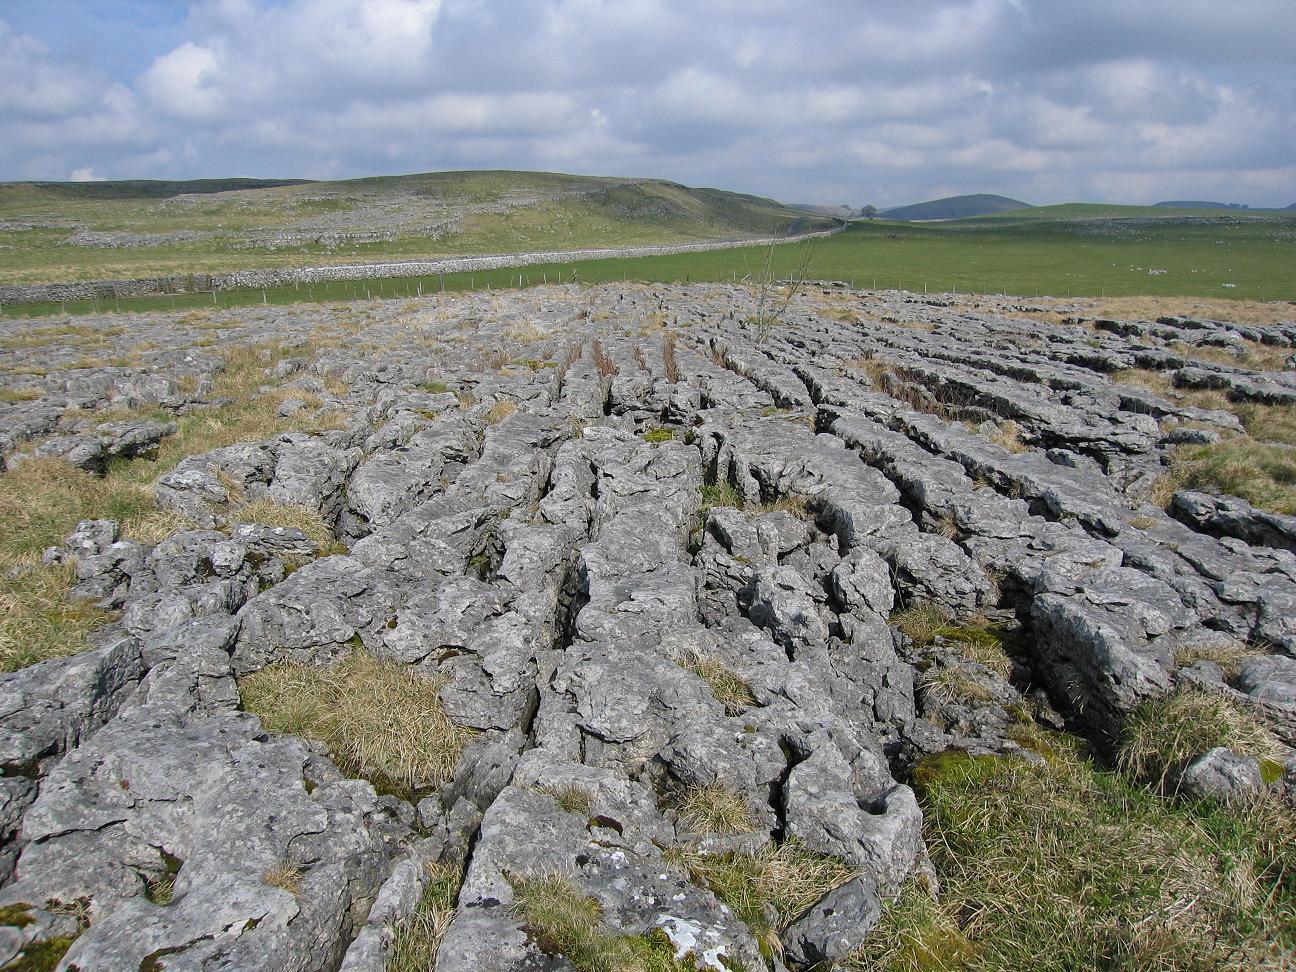 Kalkstenen 'plaveisel' in Yorkshire Dales National Park in Malham